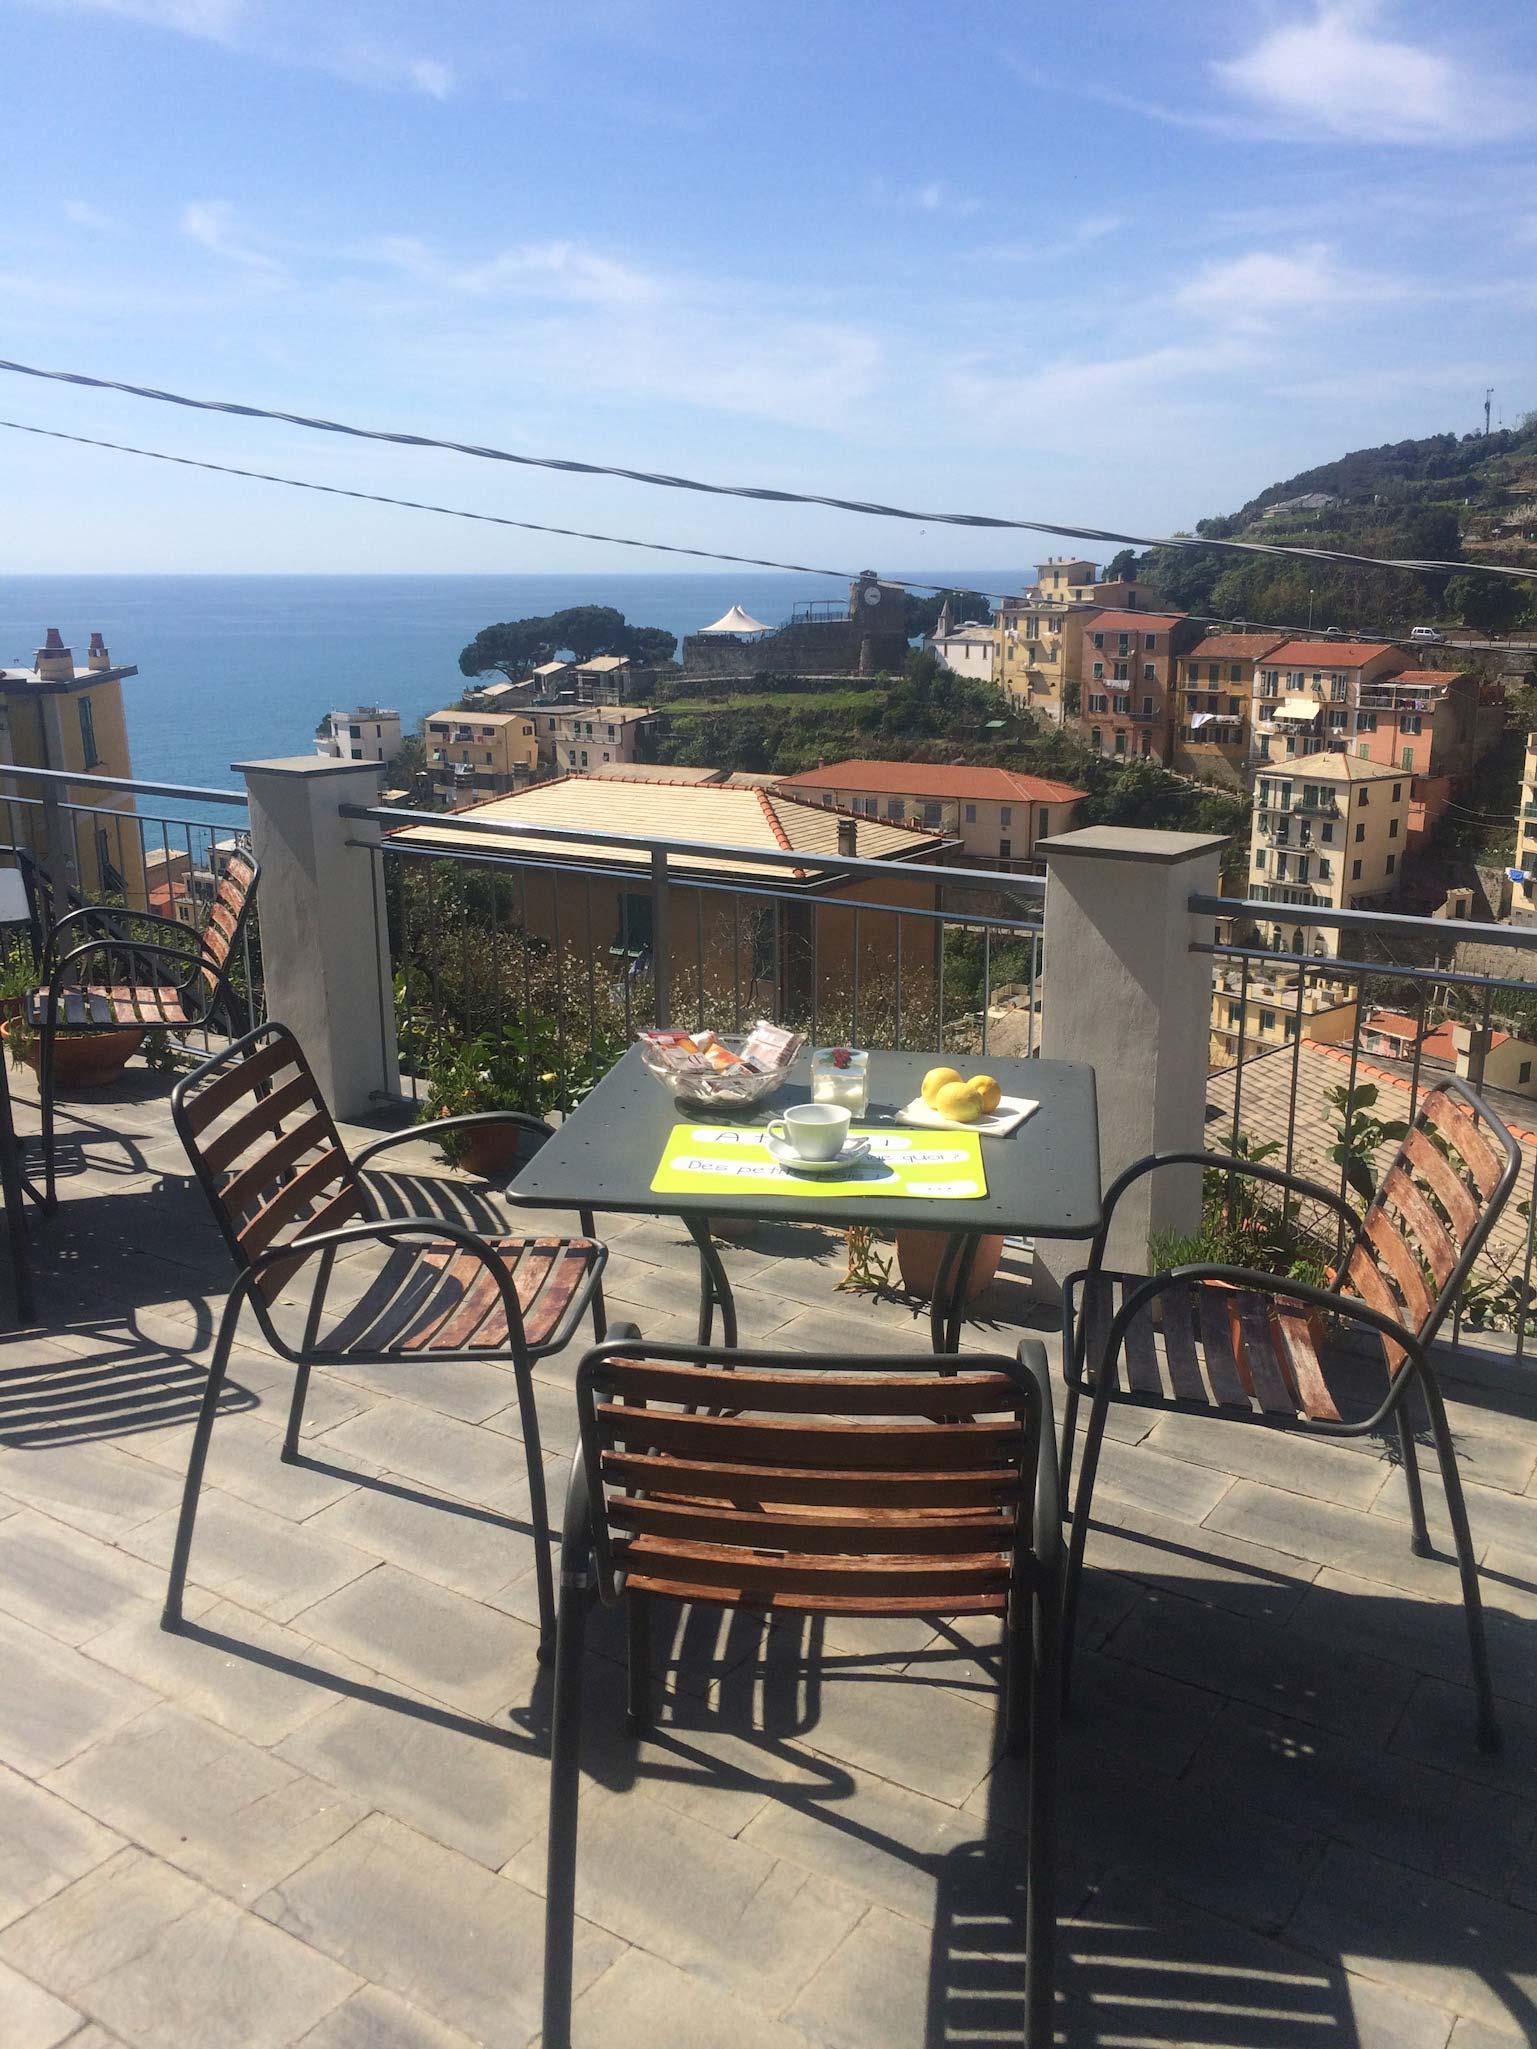 La terrazza B&B in Cinque Terre - Riomaggiore accommodation